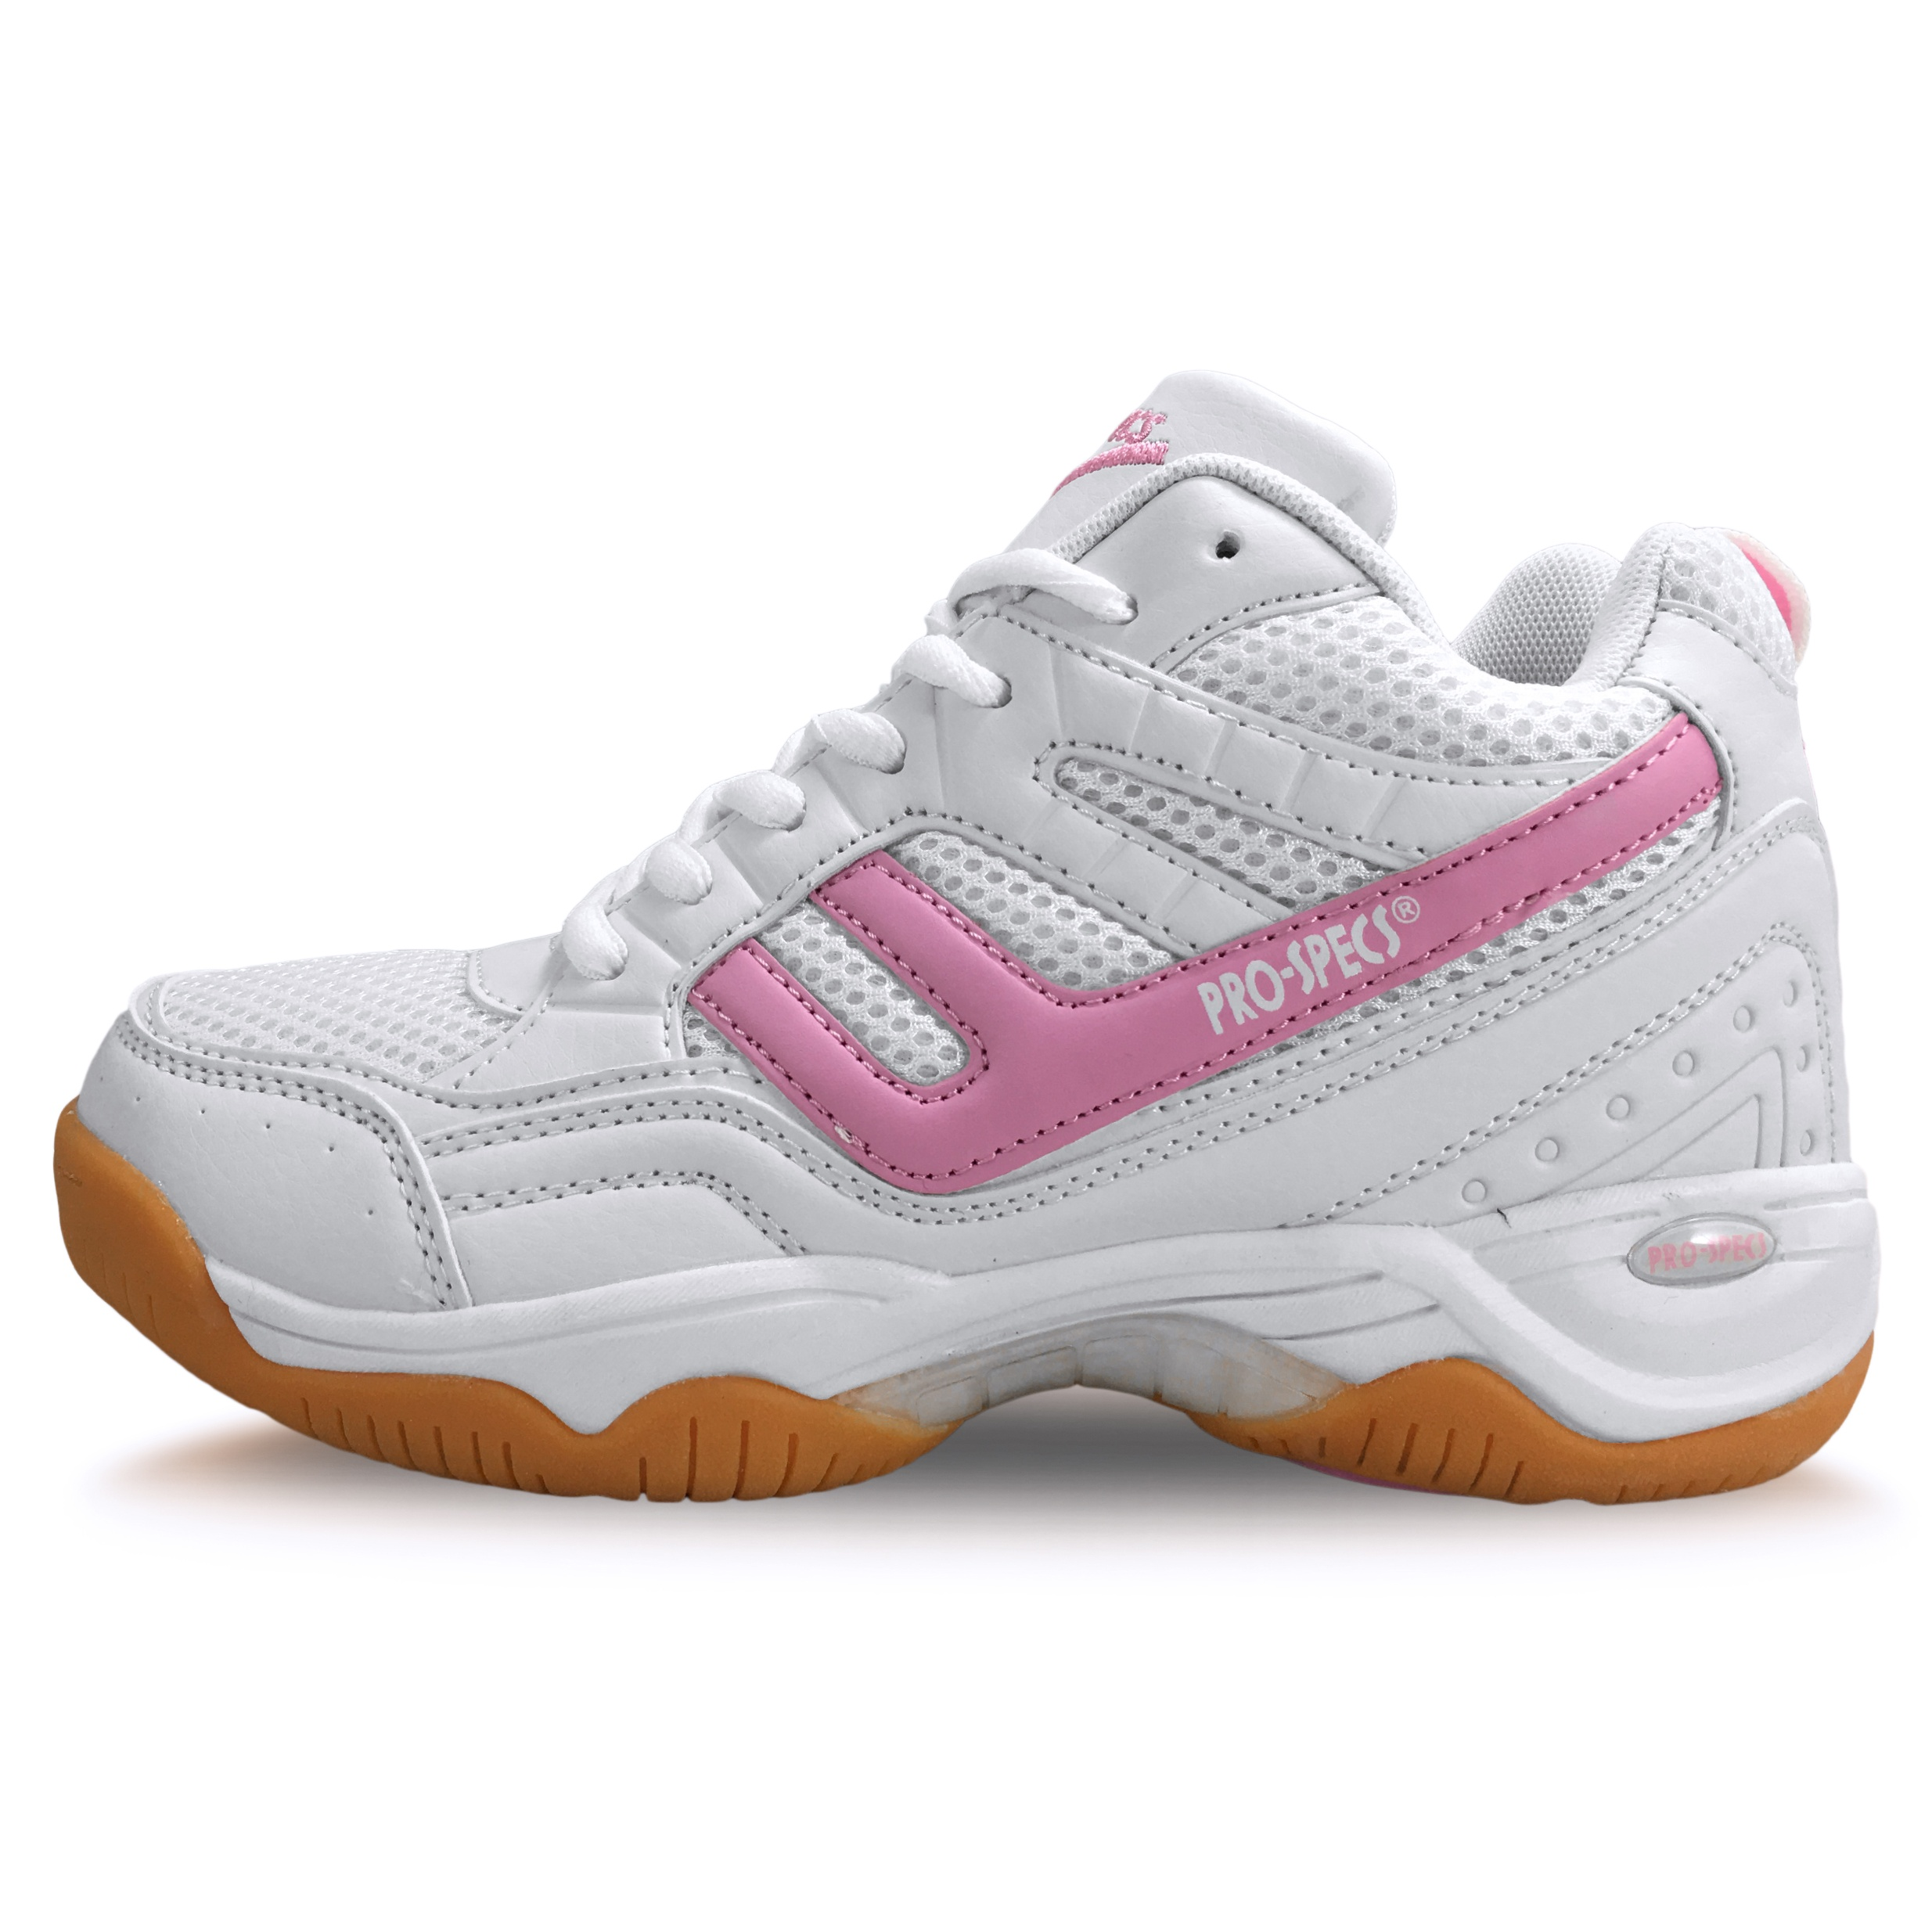 کفش مخصوص پیاده روی زنانه پرواسپکس کد SJ139